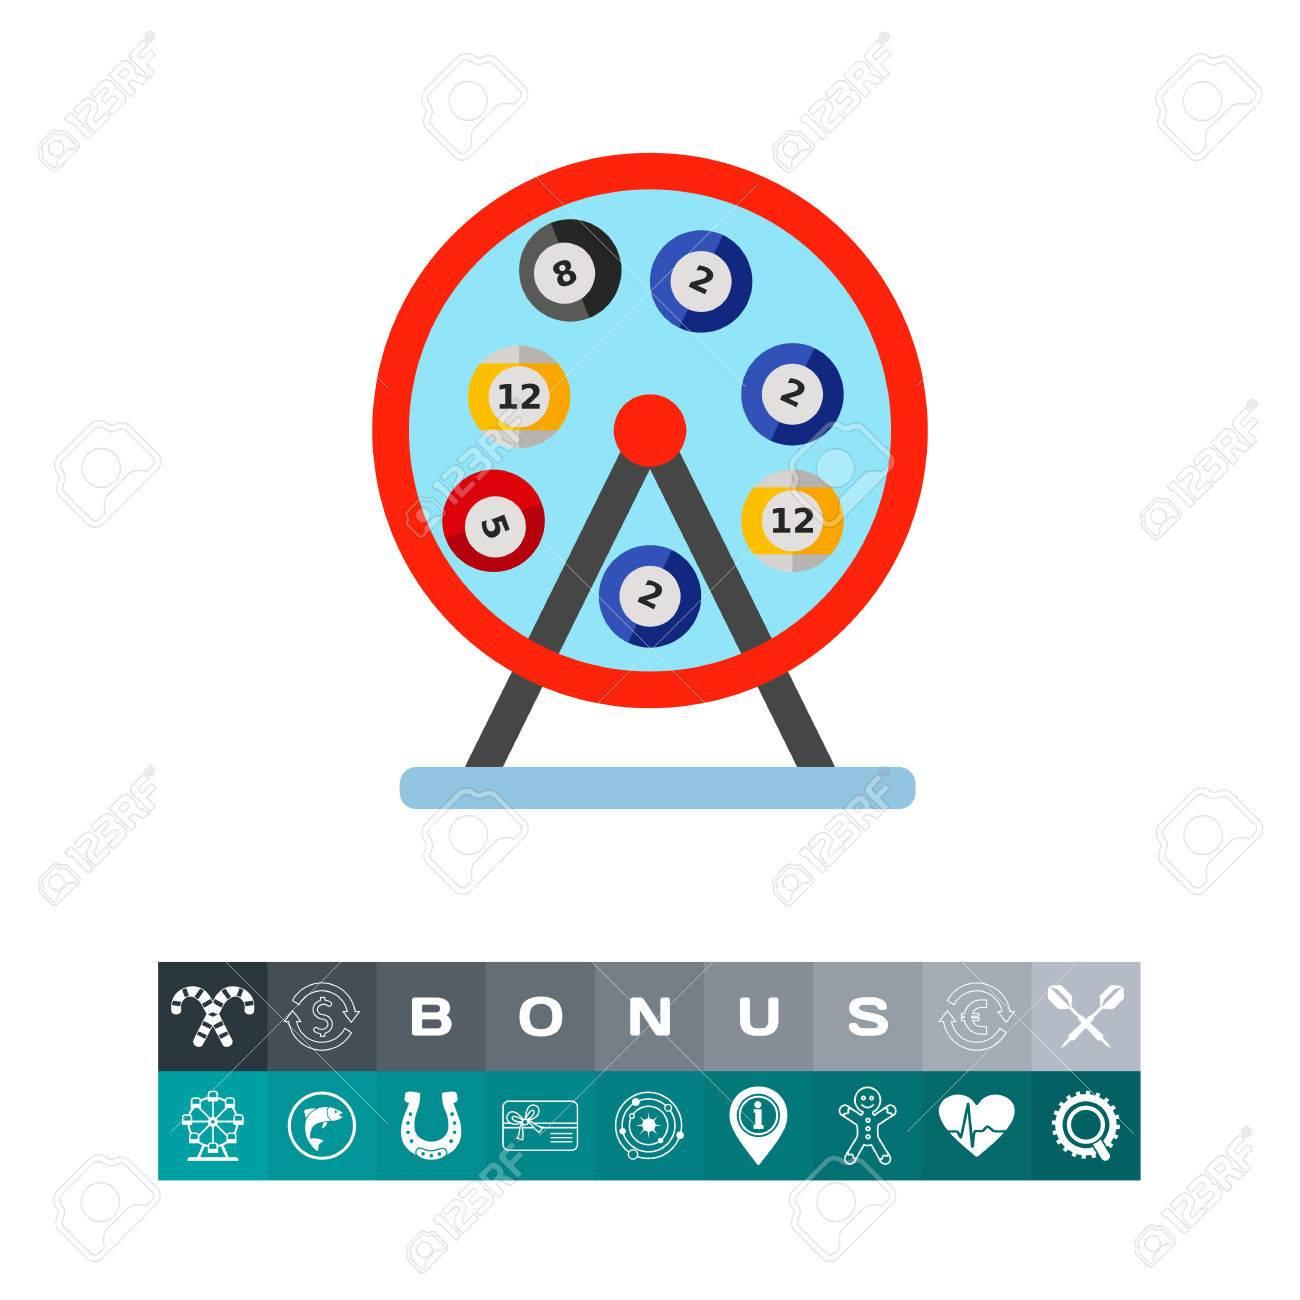 Icone De Vecteur De Machine A Loto De Roue Loterie Bingo Fortune Concept De Jeu Peut Etre Utilise Pour Des Sujets Comme Les Loisirs Passe Temps